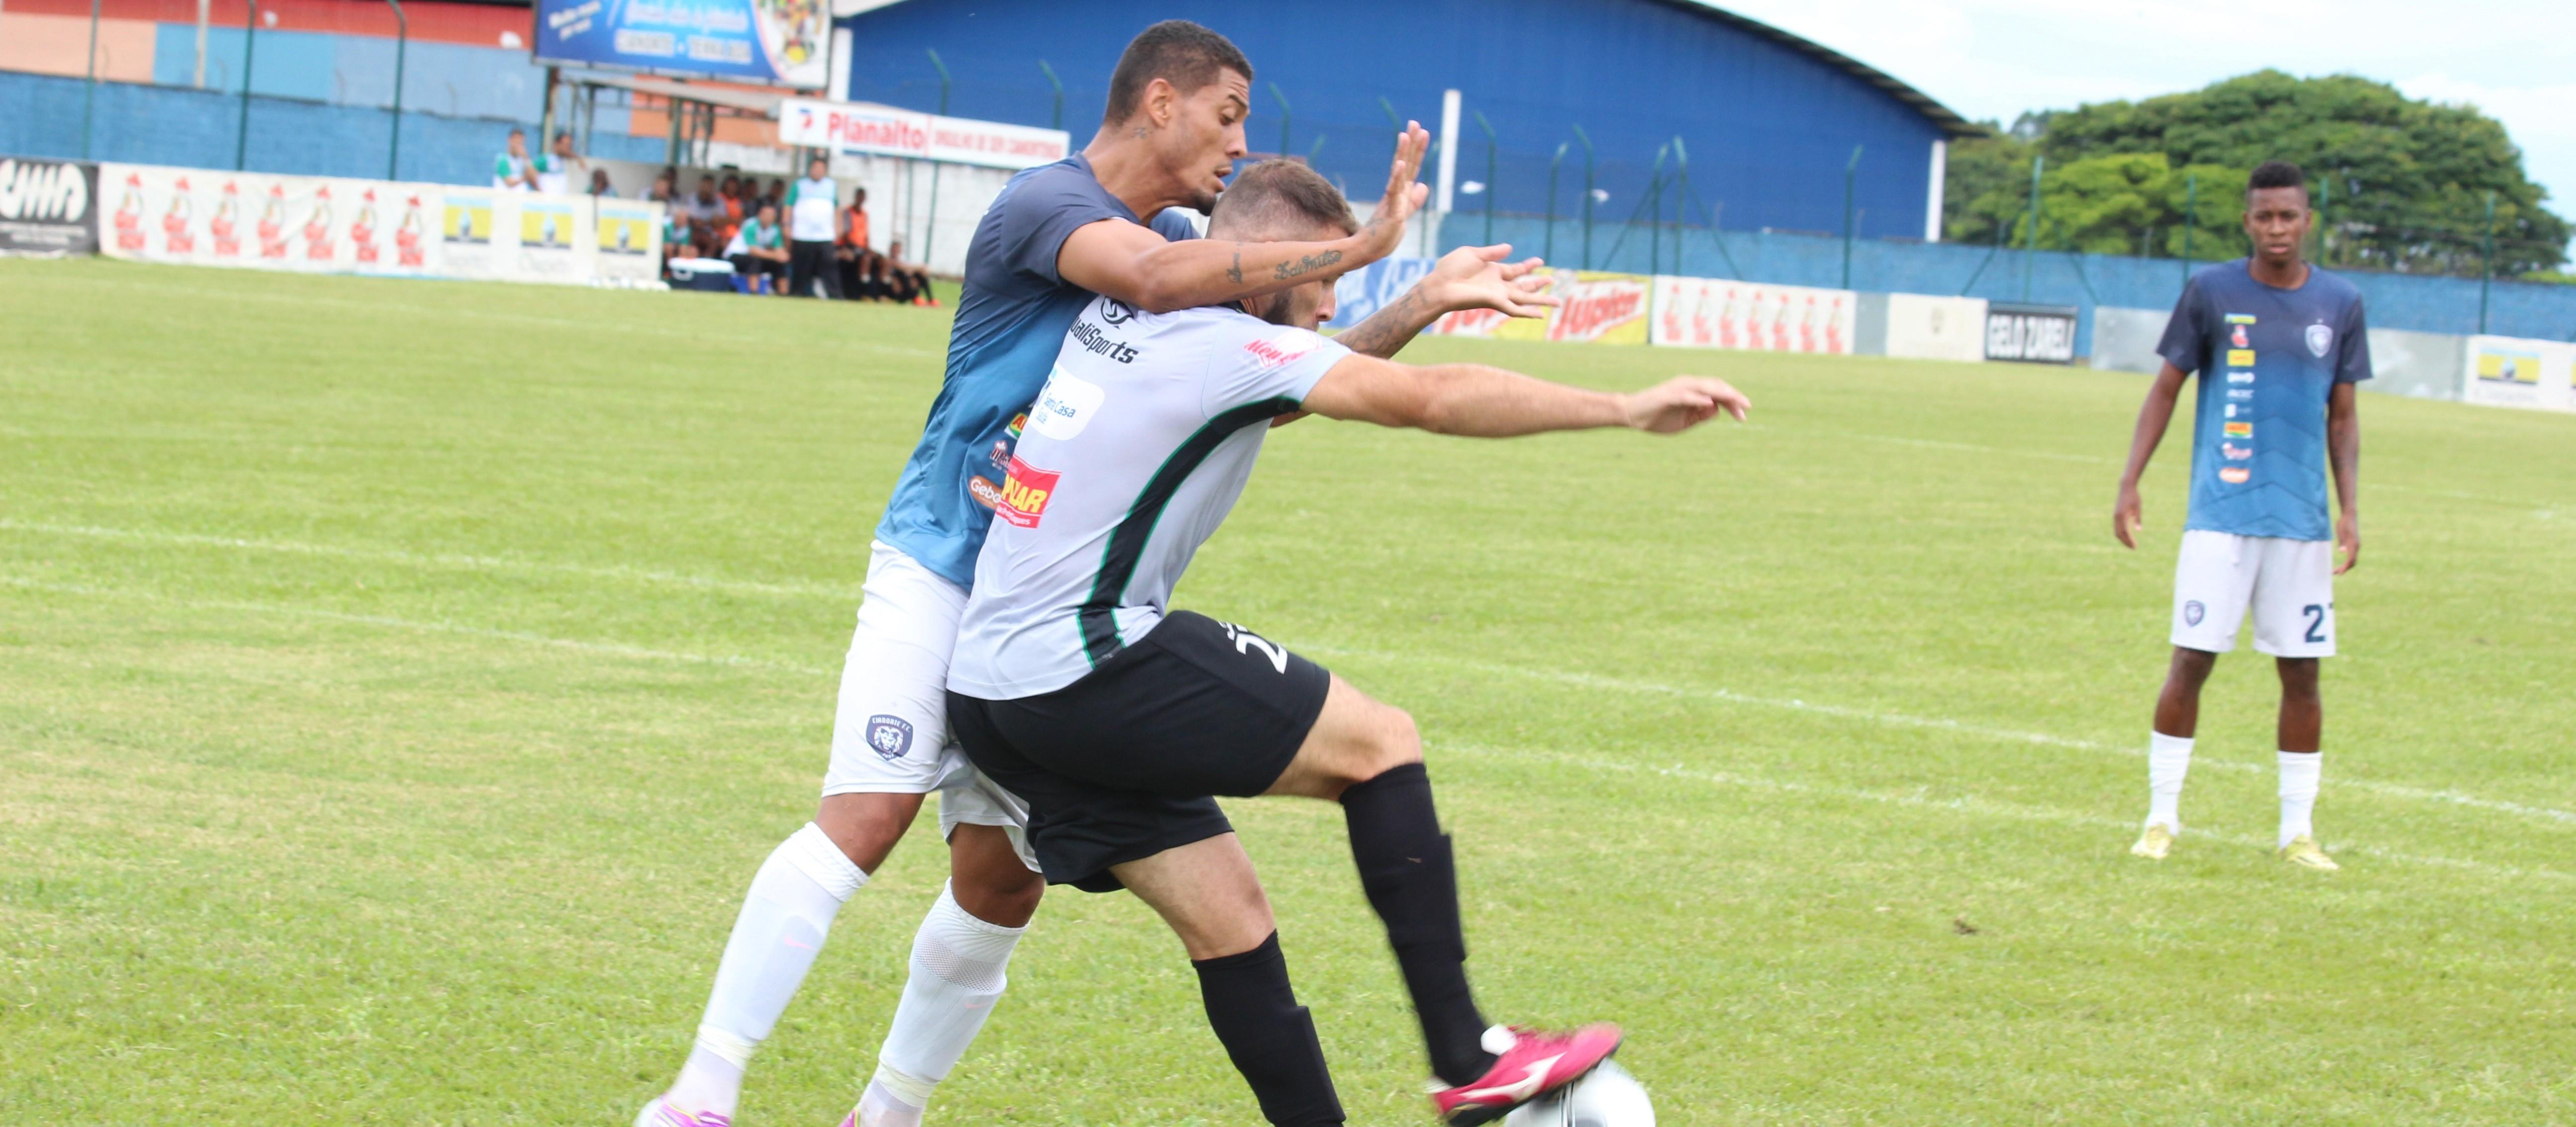 Maringá FC e Cianorte empatam em jogo-treino